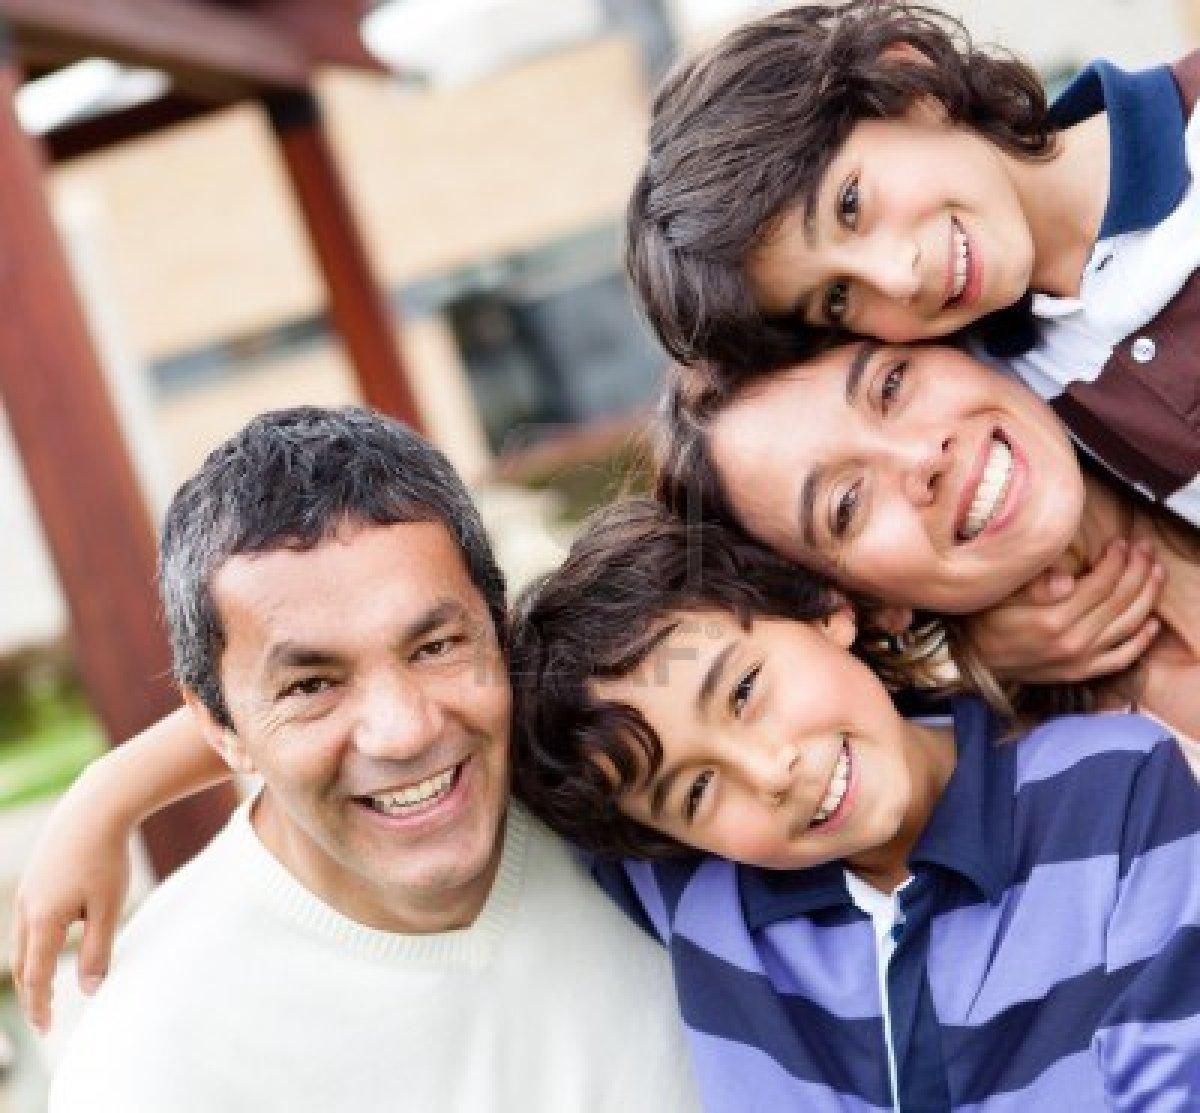 Fulano Vida: La familia feliz mexicana, según los publicistas